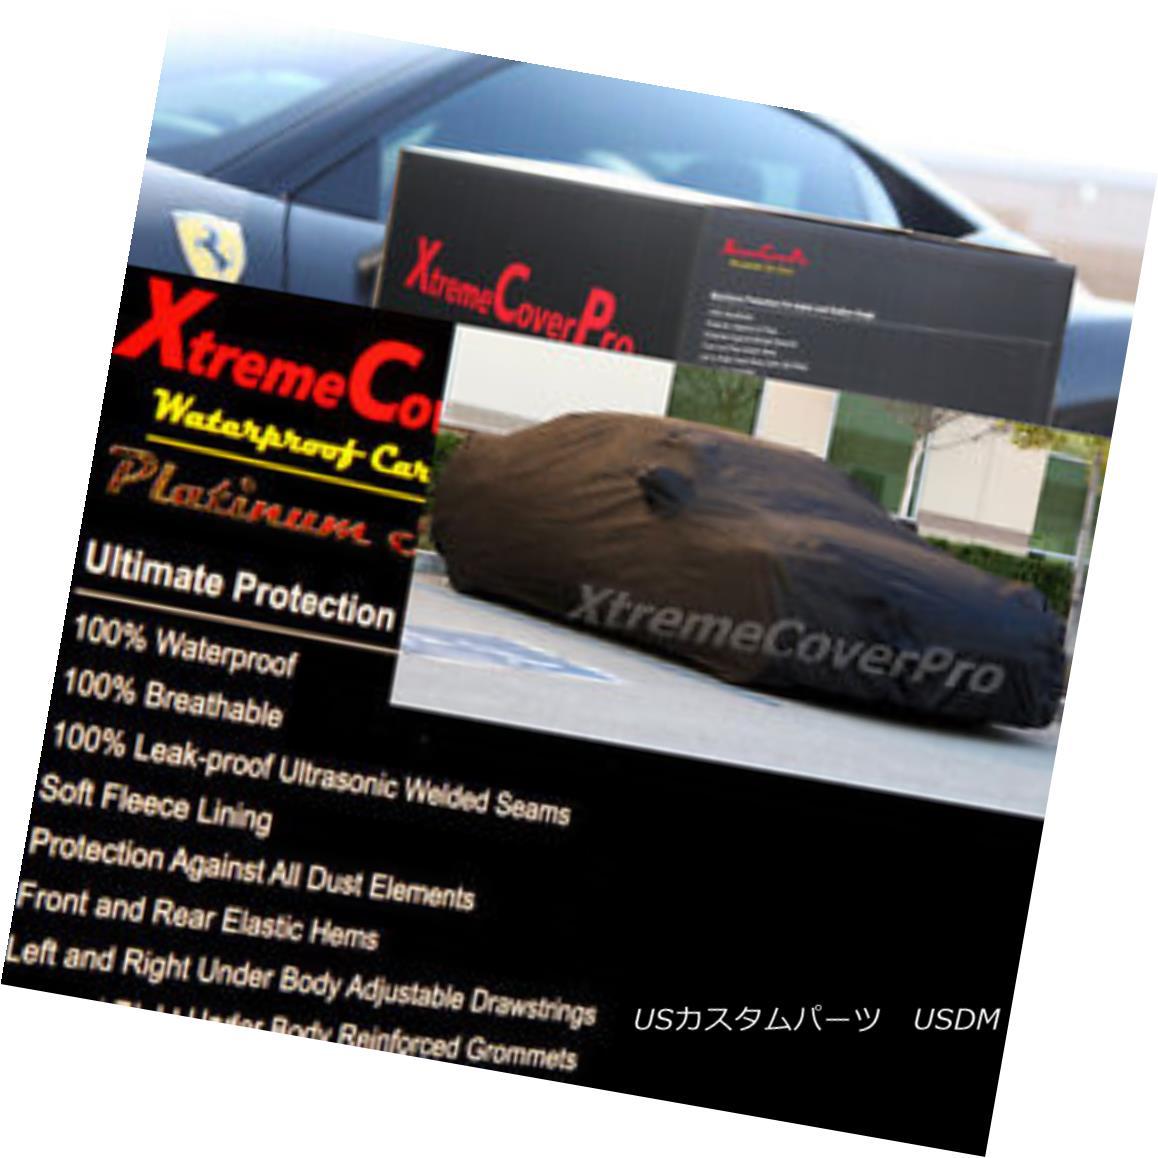 カーカバー 2014 TOYOTA Corolla Waterproof Car Cover w/ Mirror Pocket 2014 TOYOTA Corollaミラーポケット付防水カーカバー